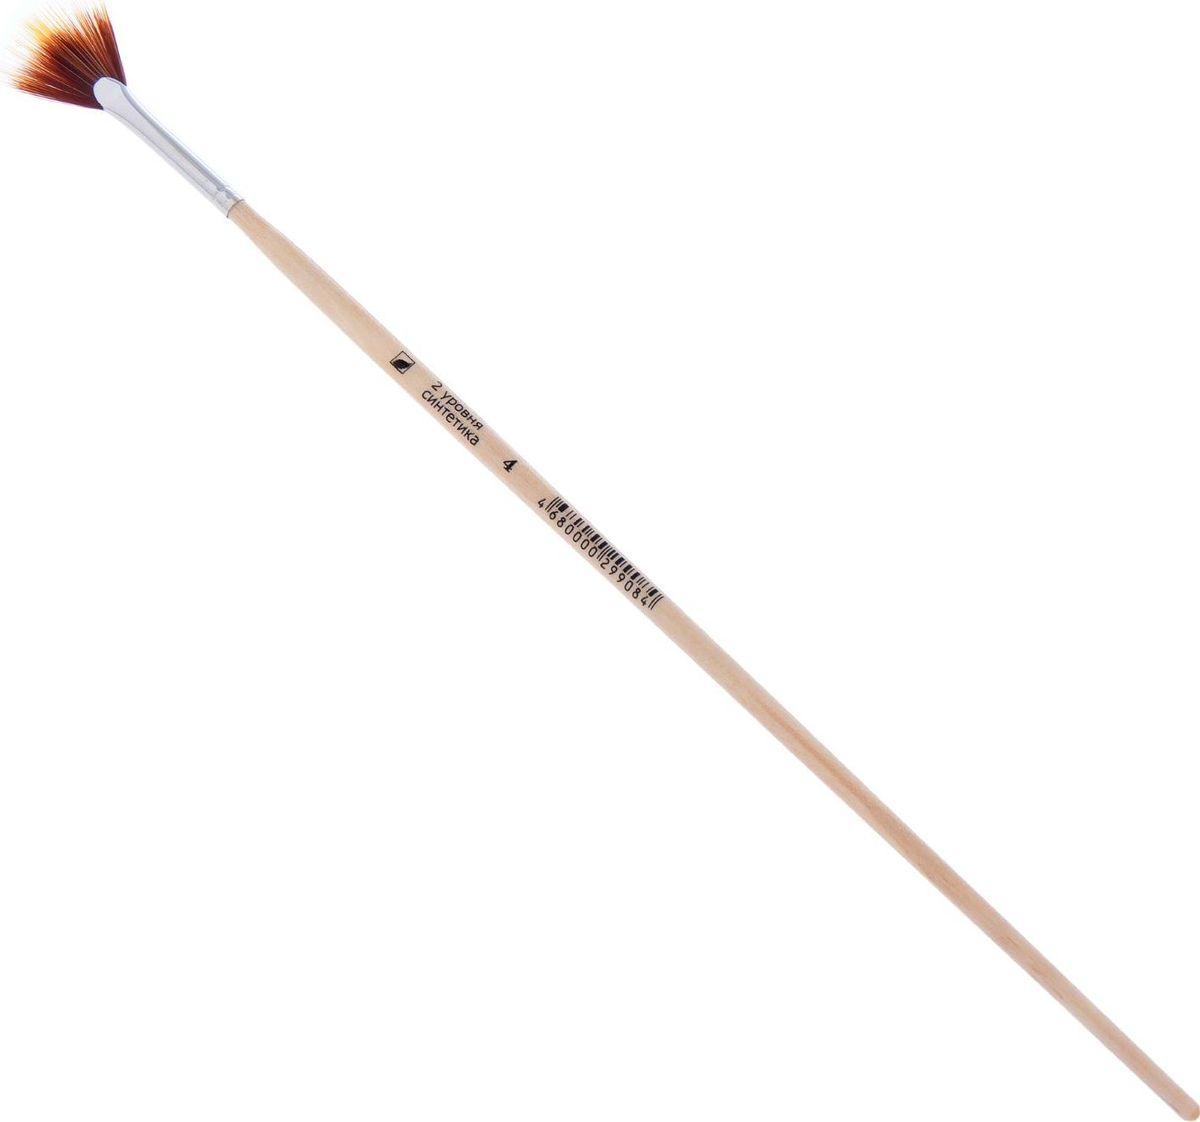 Альбатрос Кисть Хобби из нейлона веерная № 41195749Художественная кисть Хобби изготовлена из синтетического материала с двухуровневой выставкой волоса разной плотности. Такая форма позволяет выполнять фигурные мазки, имитирующие разнообразную текстуру: дерево, траву, ткань и другие.Изделие имеет покрытую глянцевым лаком деревянную ручку и алюминиевую цельнотянутую обойму.Инструмент предназначен для создания растяжек и смягчения контрастов. Его можно использовать сухим — для затенения — и влажным — для создания эффекта испещрения полосками.Кисть Хобби поможет вам творить и вдохновит на создание новых шедевров!